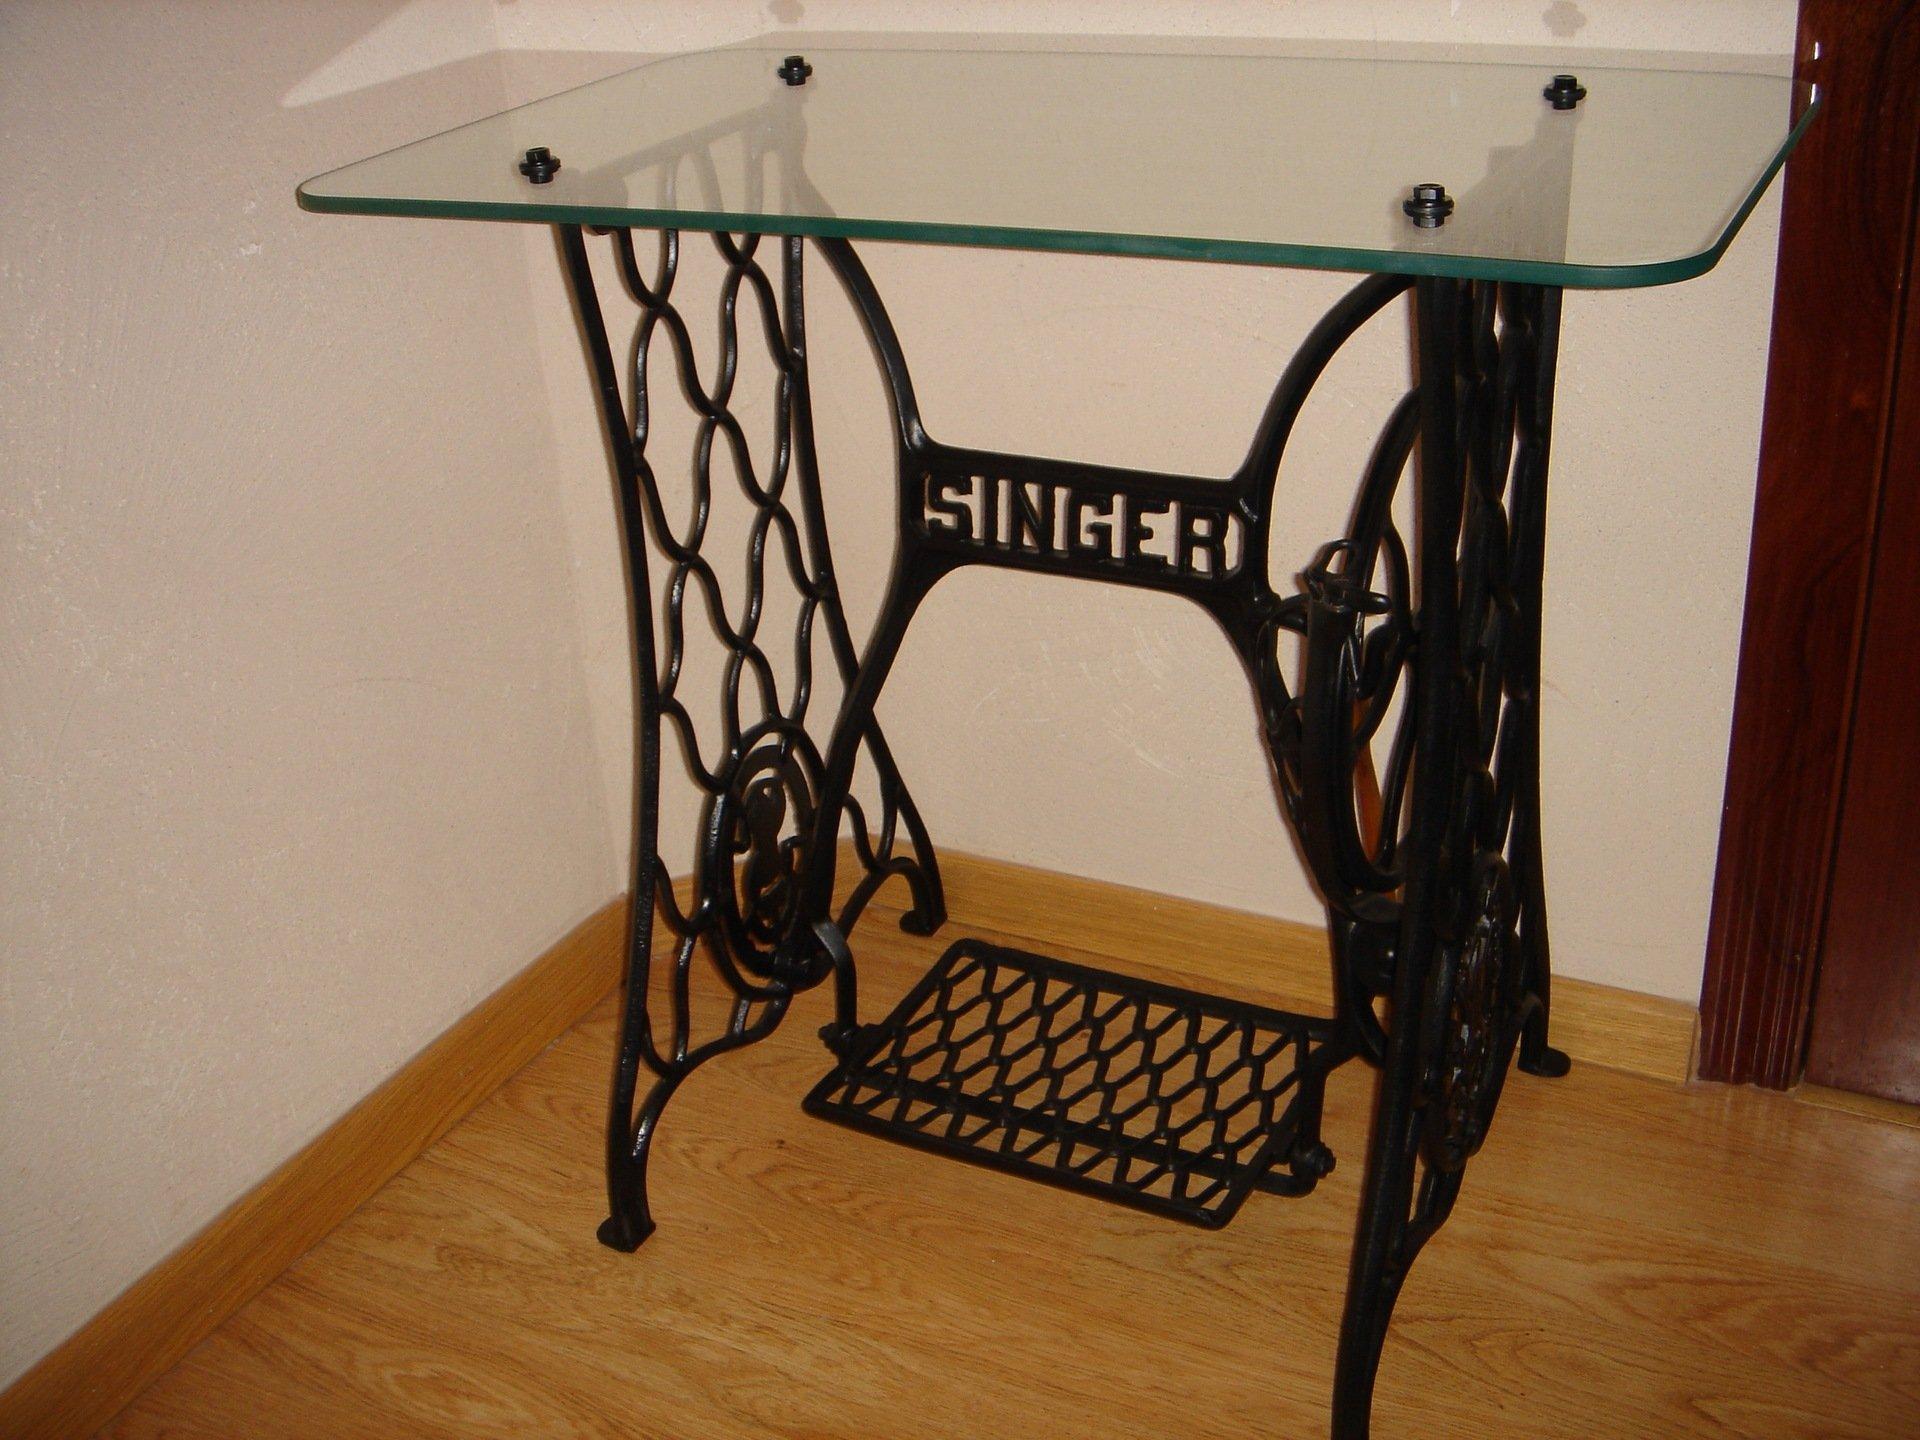 древних столик из швейной машинки картинки комбинезоны женские вечерние